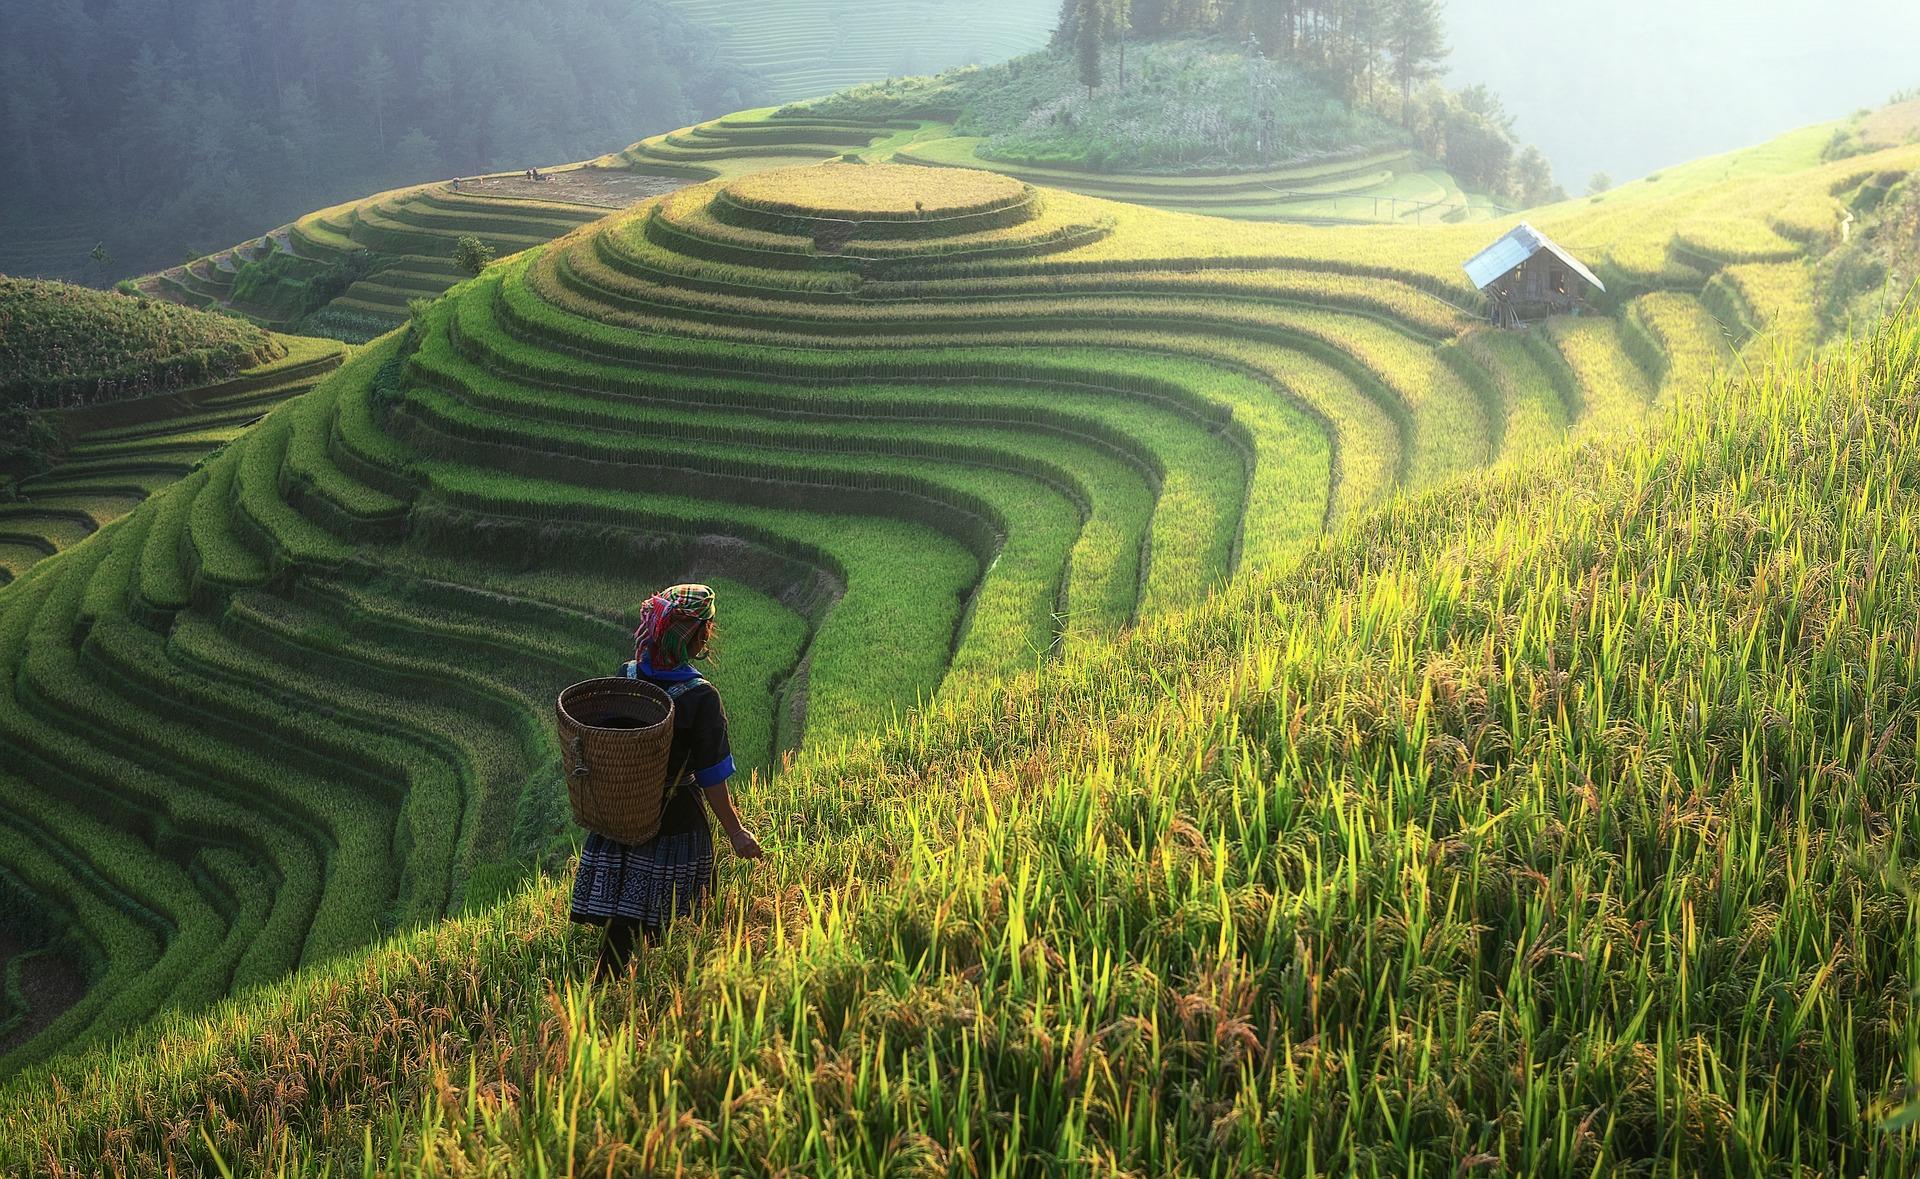 agriculture-1807576_1920 Curiosidades da China: Biologia e Agrícola